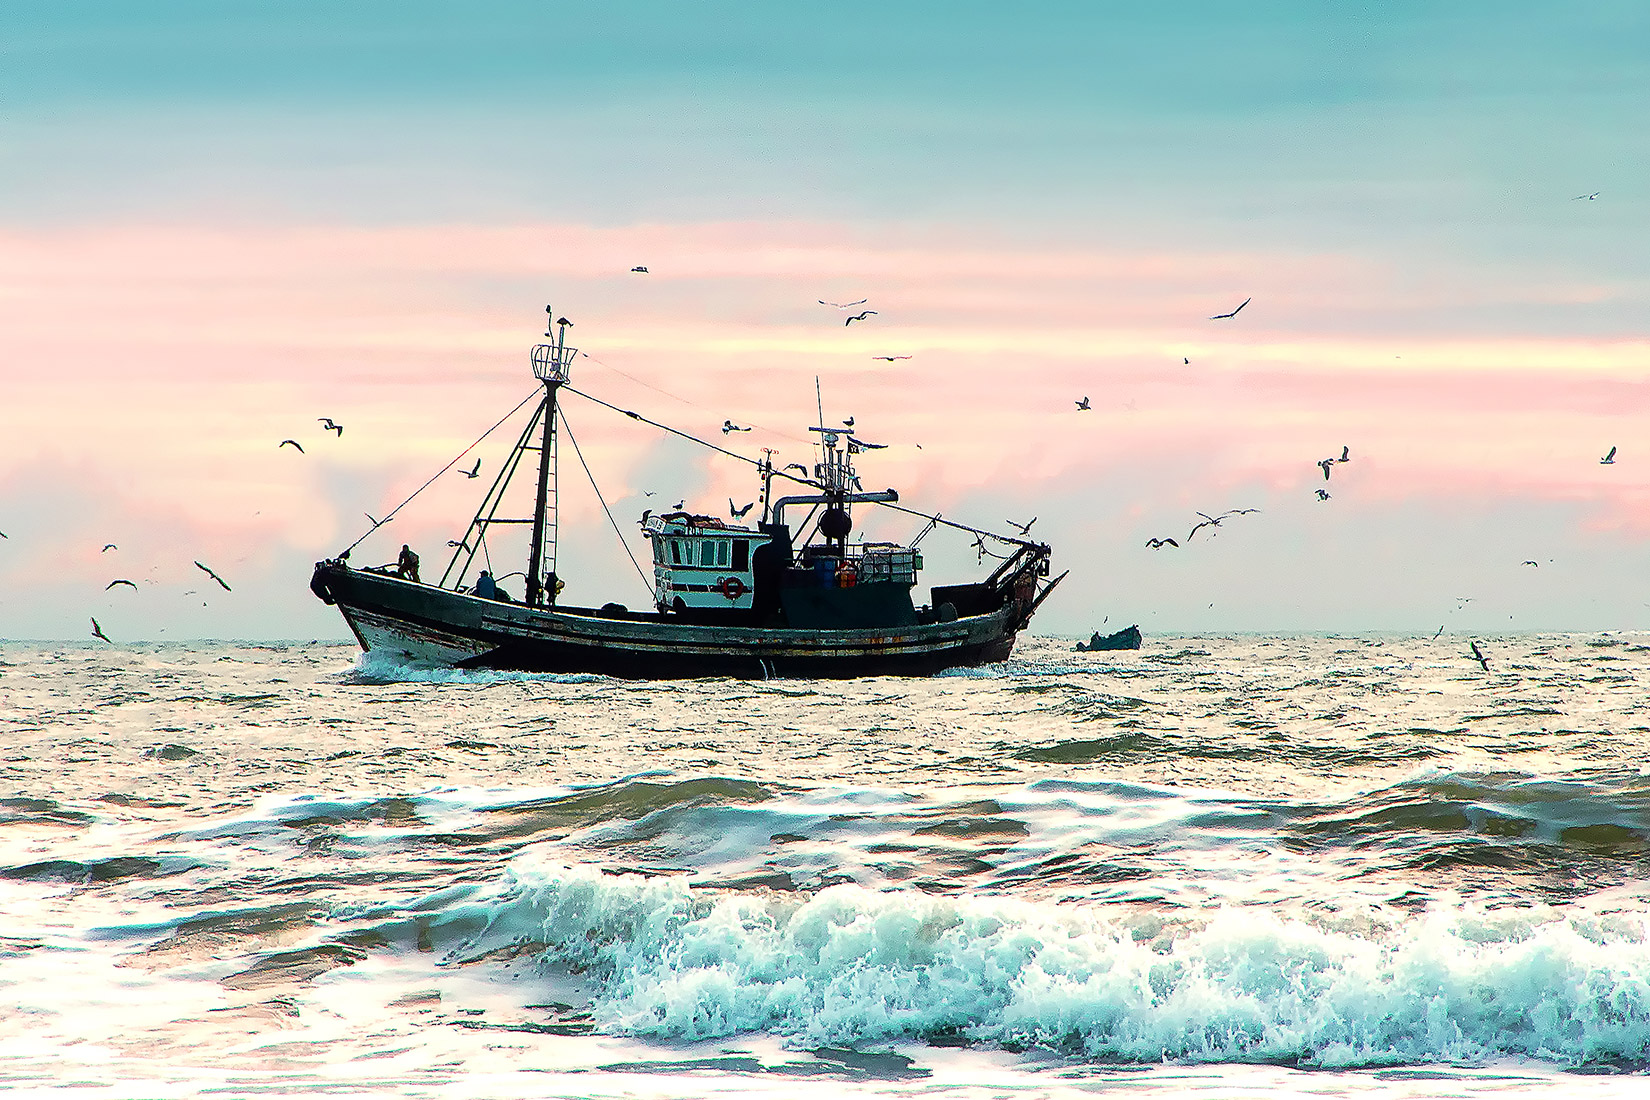 東シナ海における中国のさらなる現状変更の試み<br>−中国公船の日本漁船追跡事件で考えるべき日本の対応